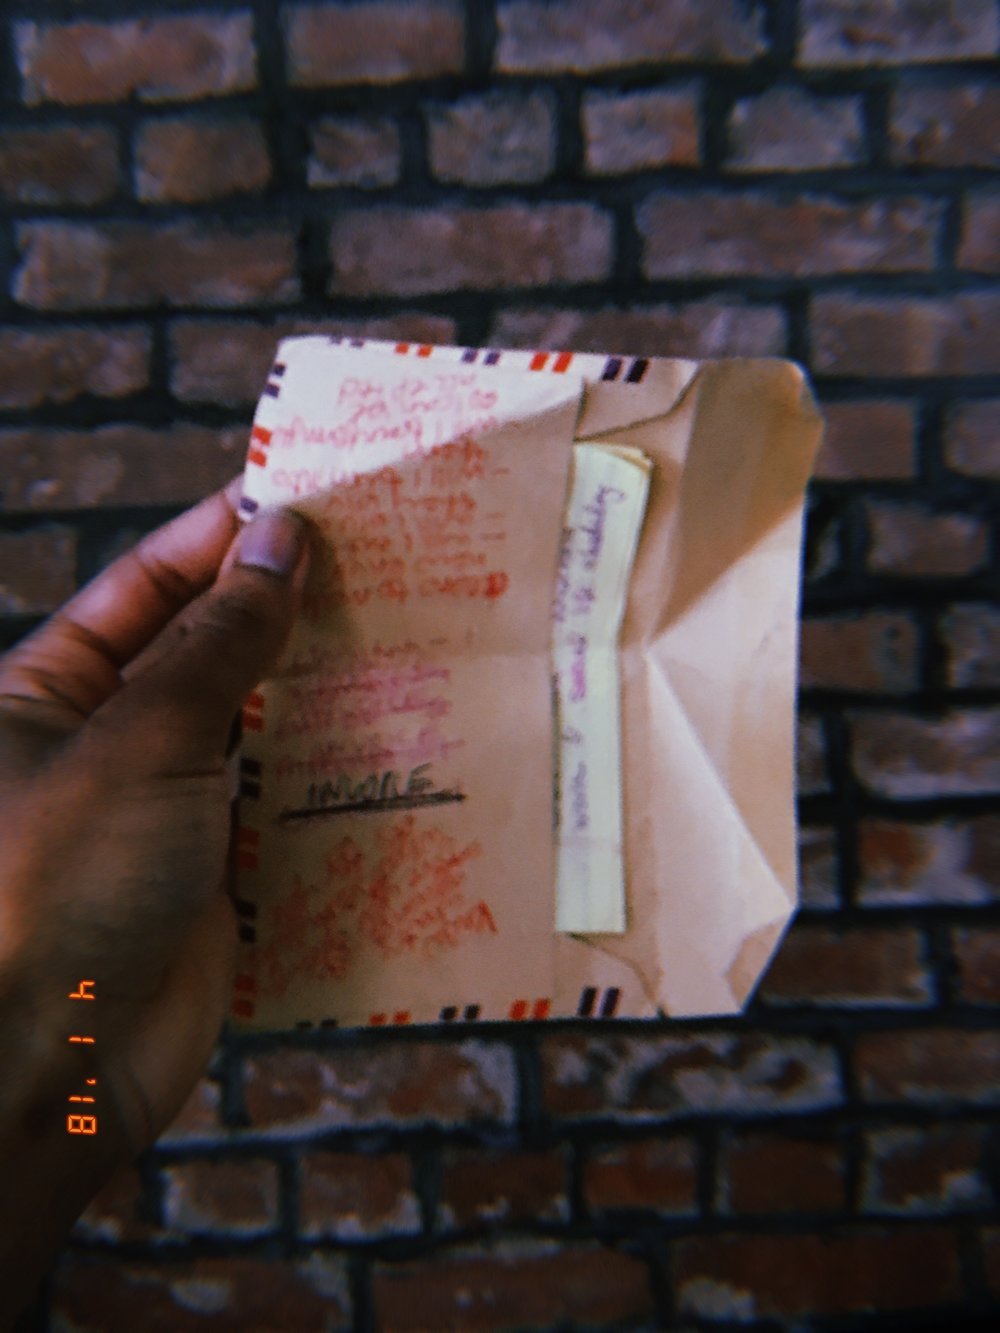 Penpal lettre+envelope